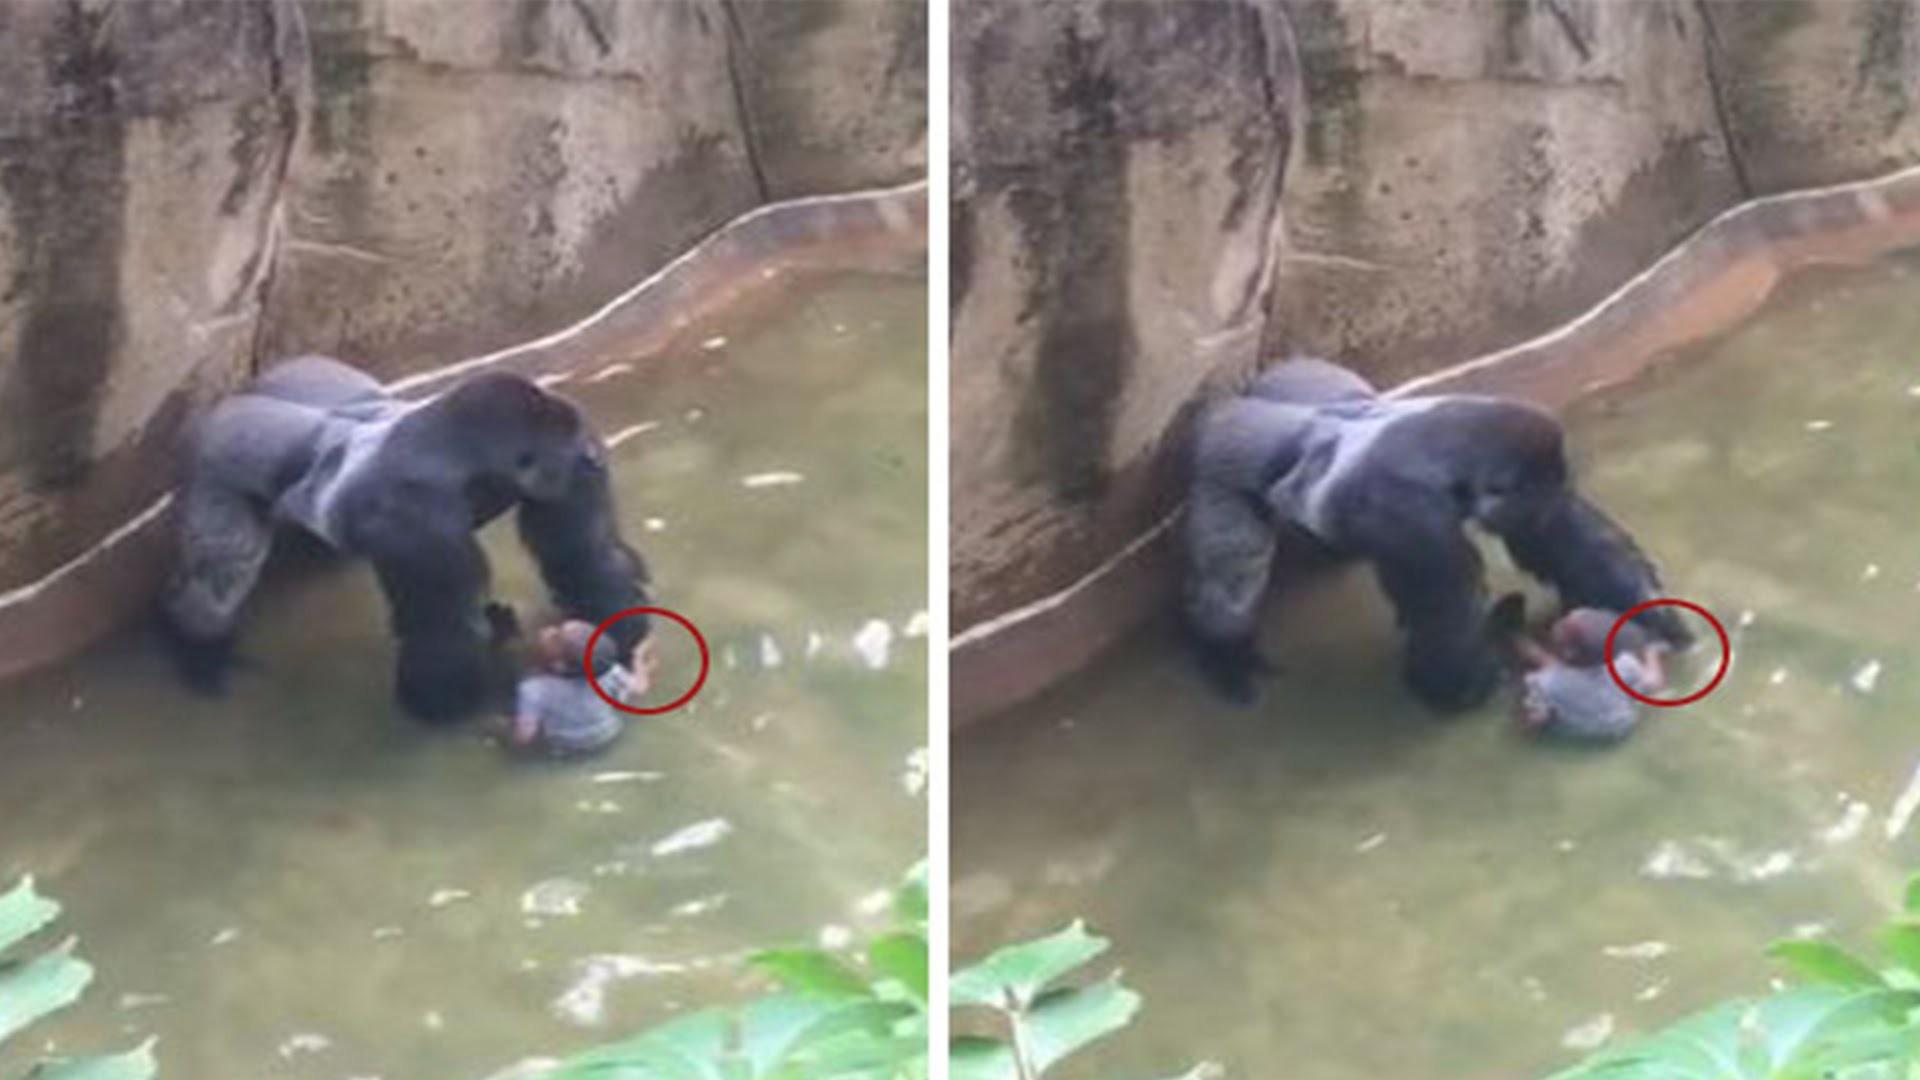 Trung Quốc: Cùng mẹ cho khỉ ăn ở vườn thú, bé gái bất ngờ